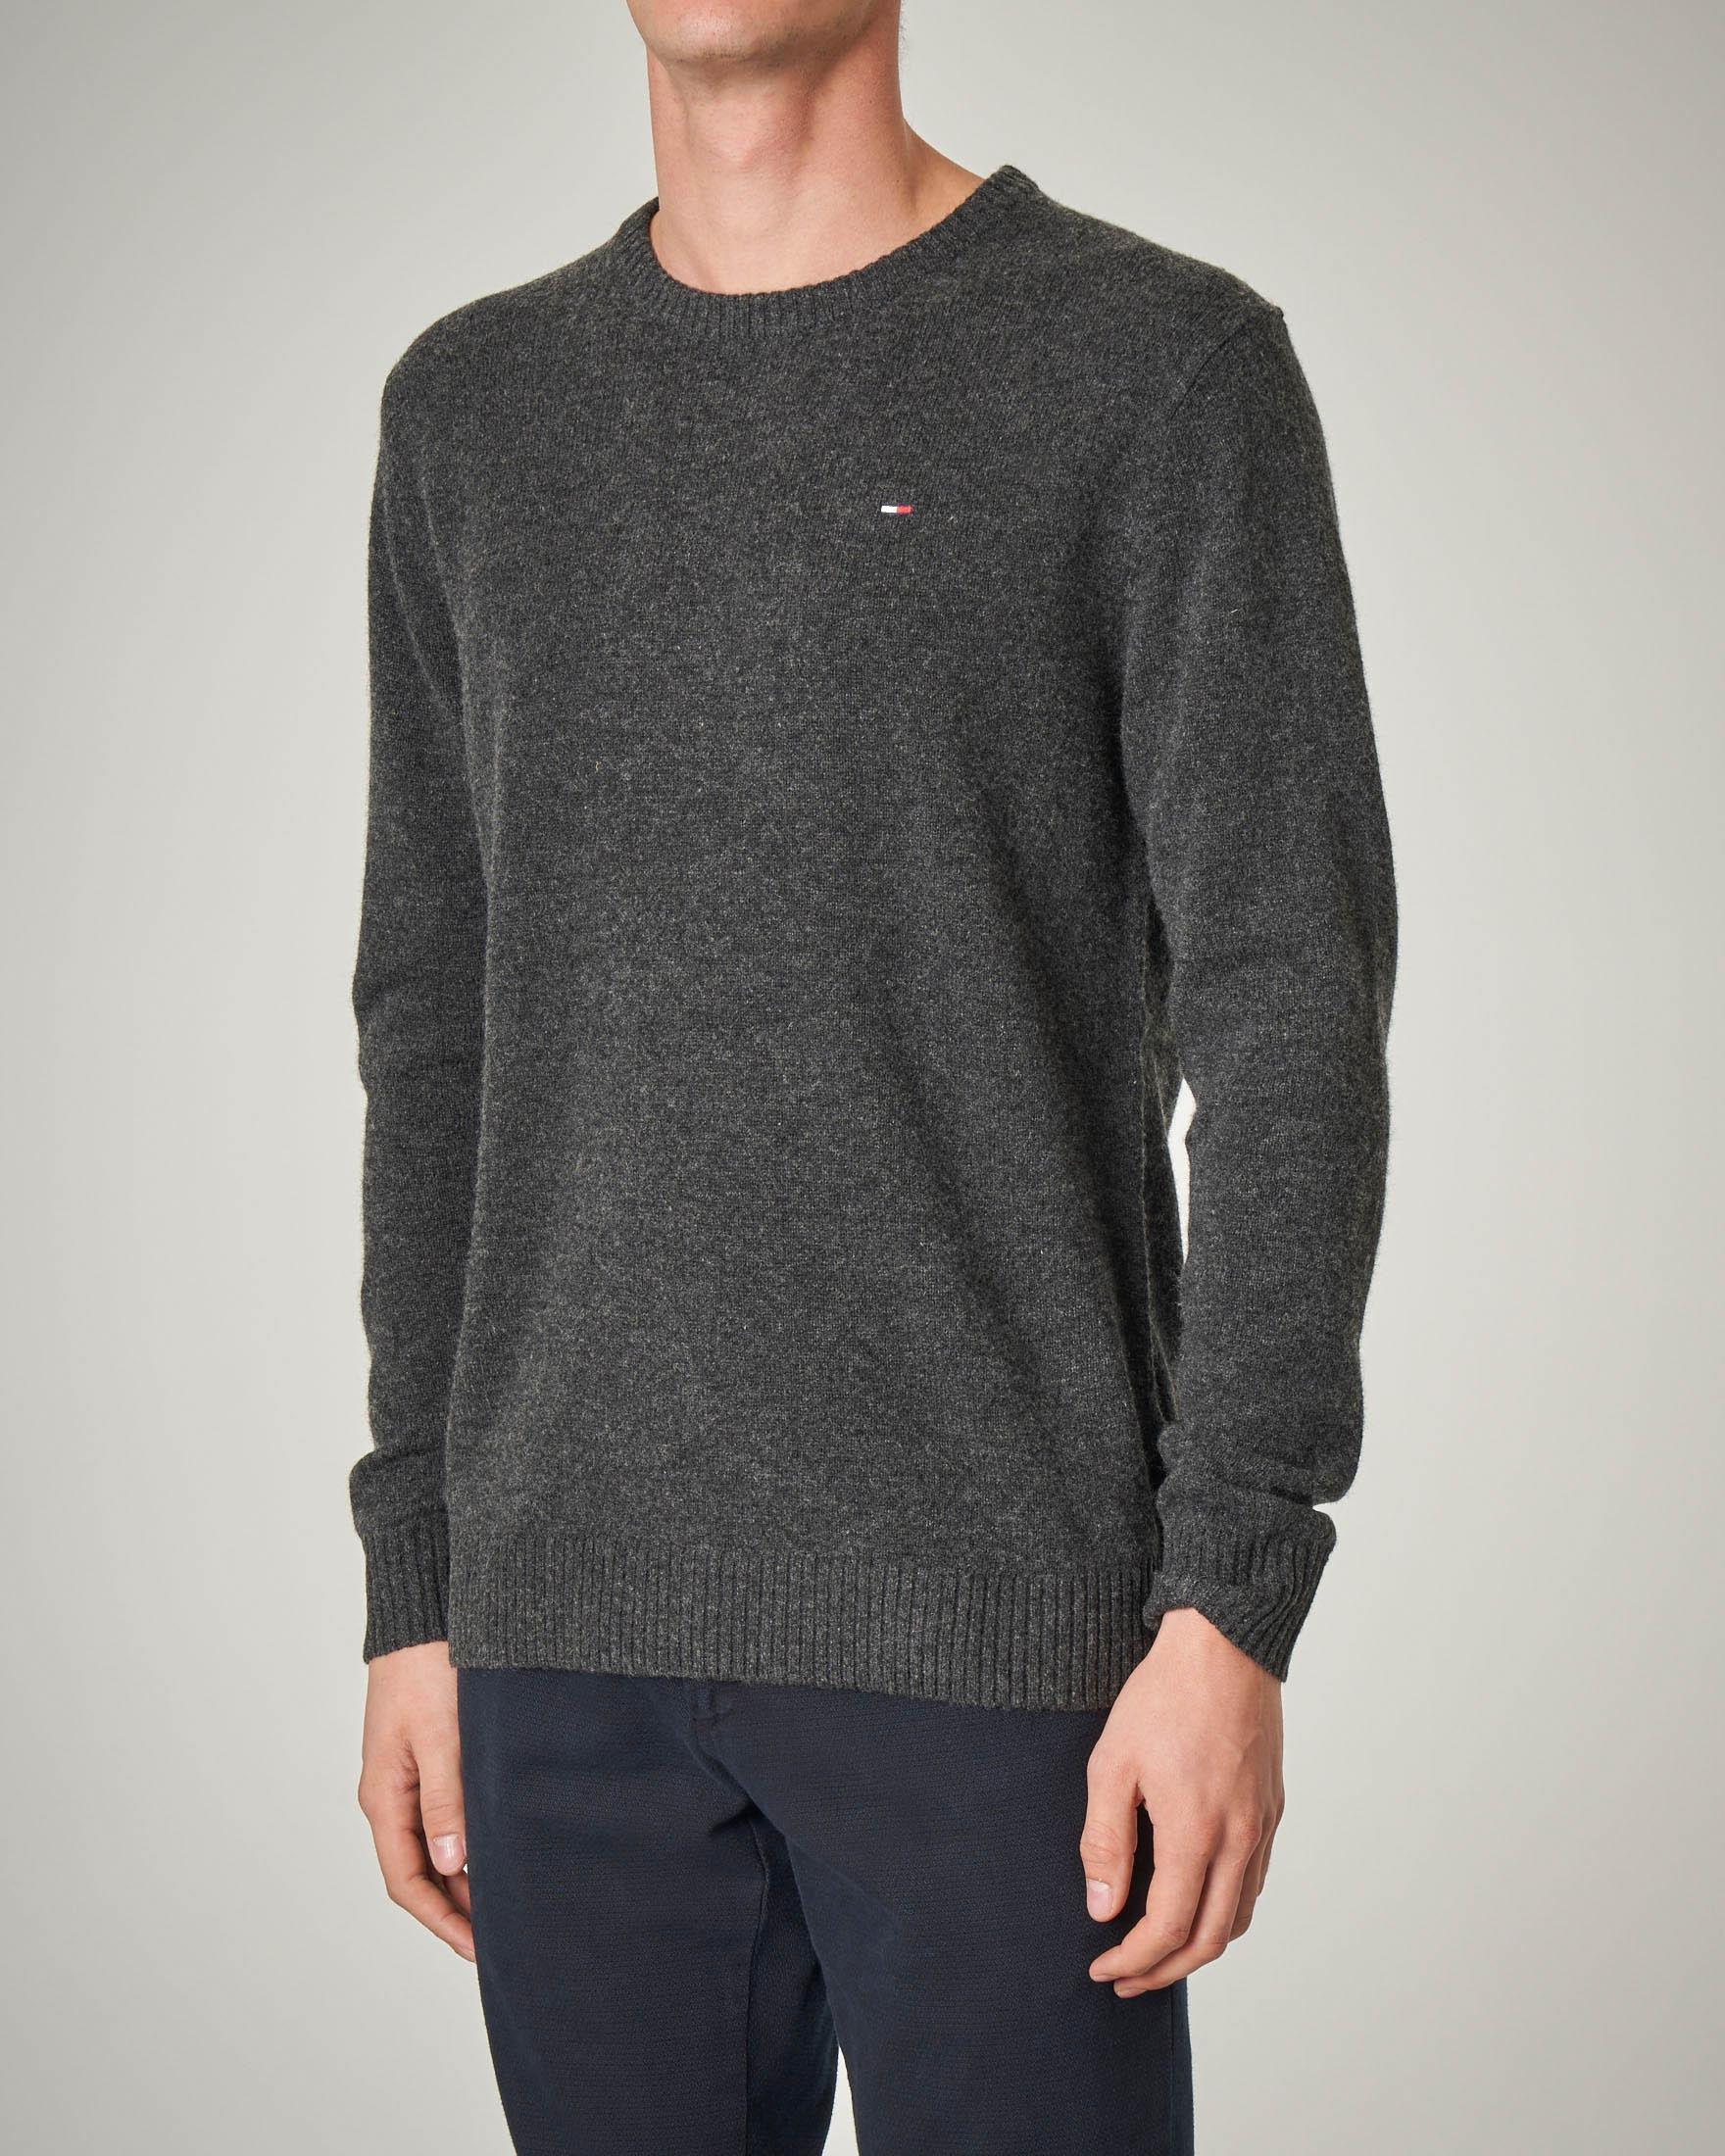 Maglia grigio scuro in lana